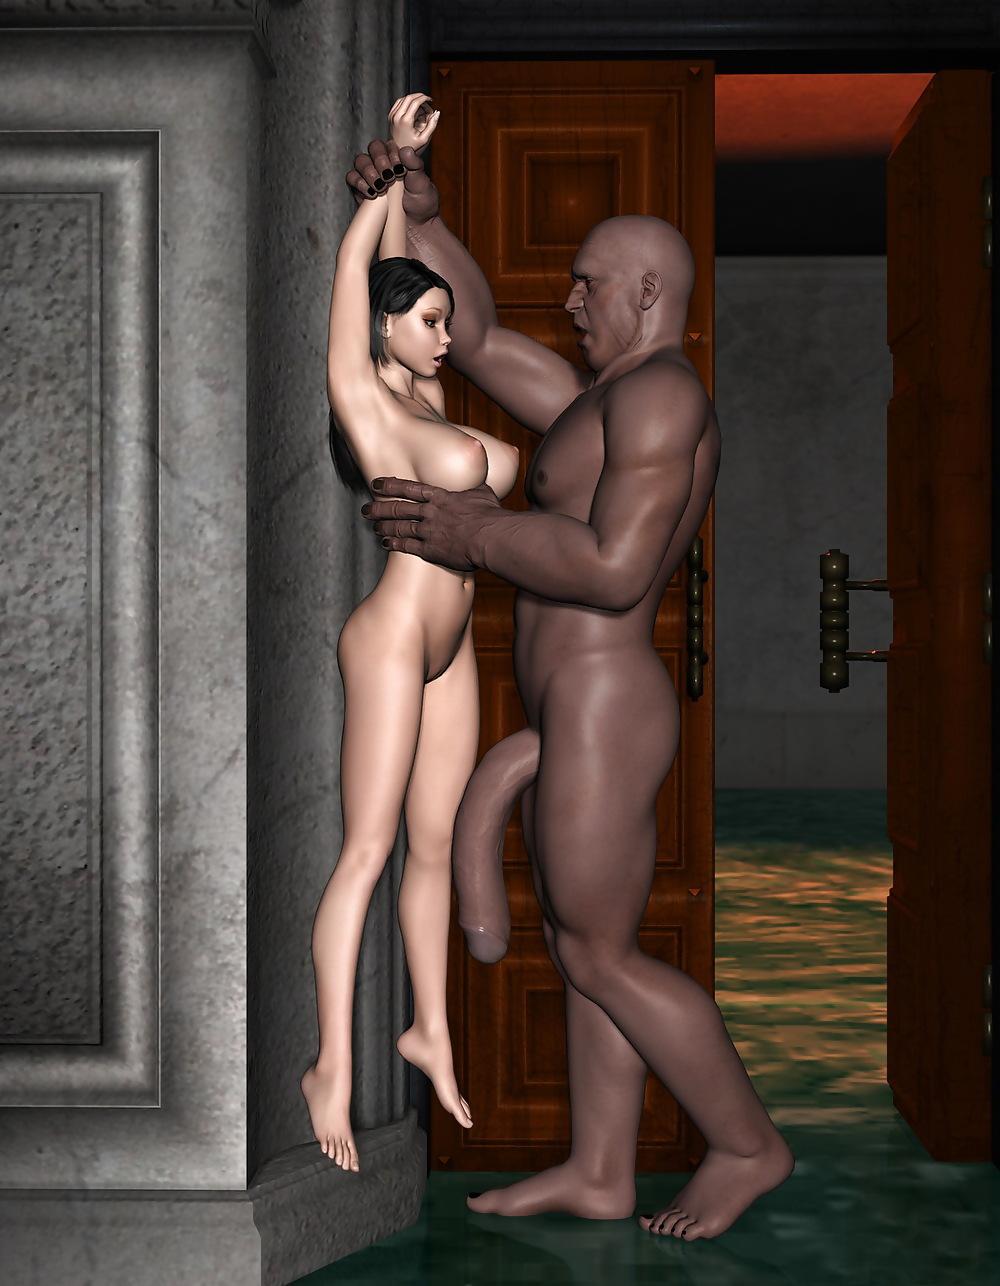 Ebony sex hot girl fucked hard comics clit lesbo